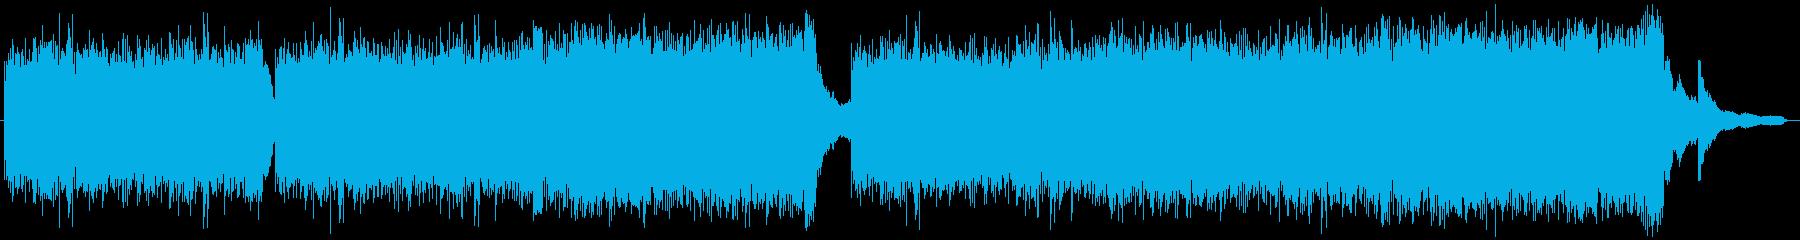 美しいメロディのピアノとストリングス曲の再生済みの波形